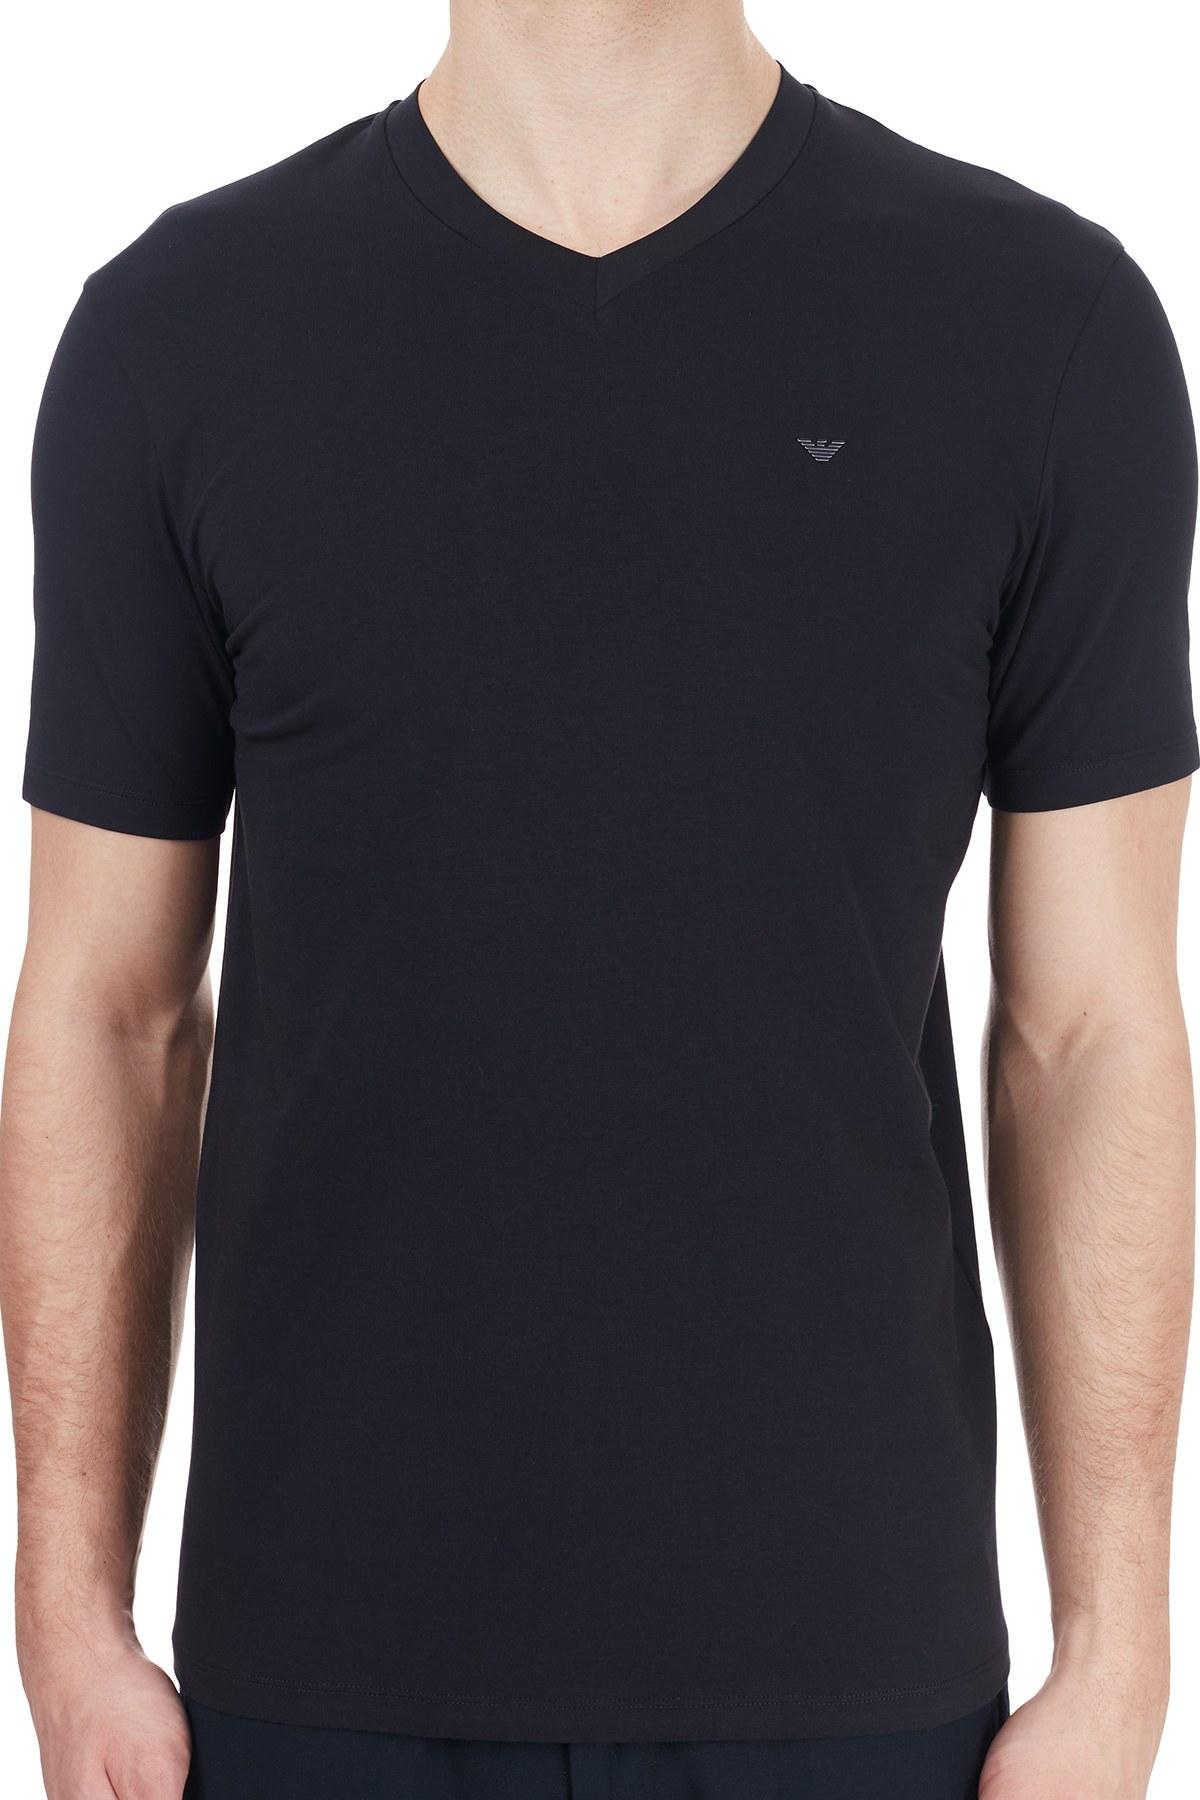 Emporio Armani V Yaka Pamuklu Erkek T Shirt 6H1TS1 1JJRZ 0920 LACİVERT